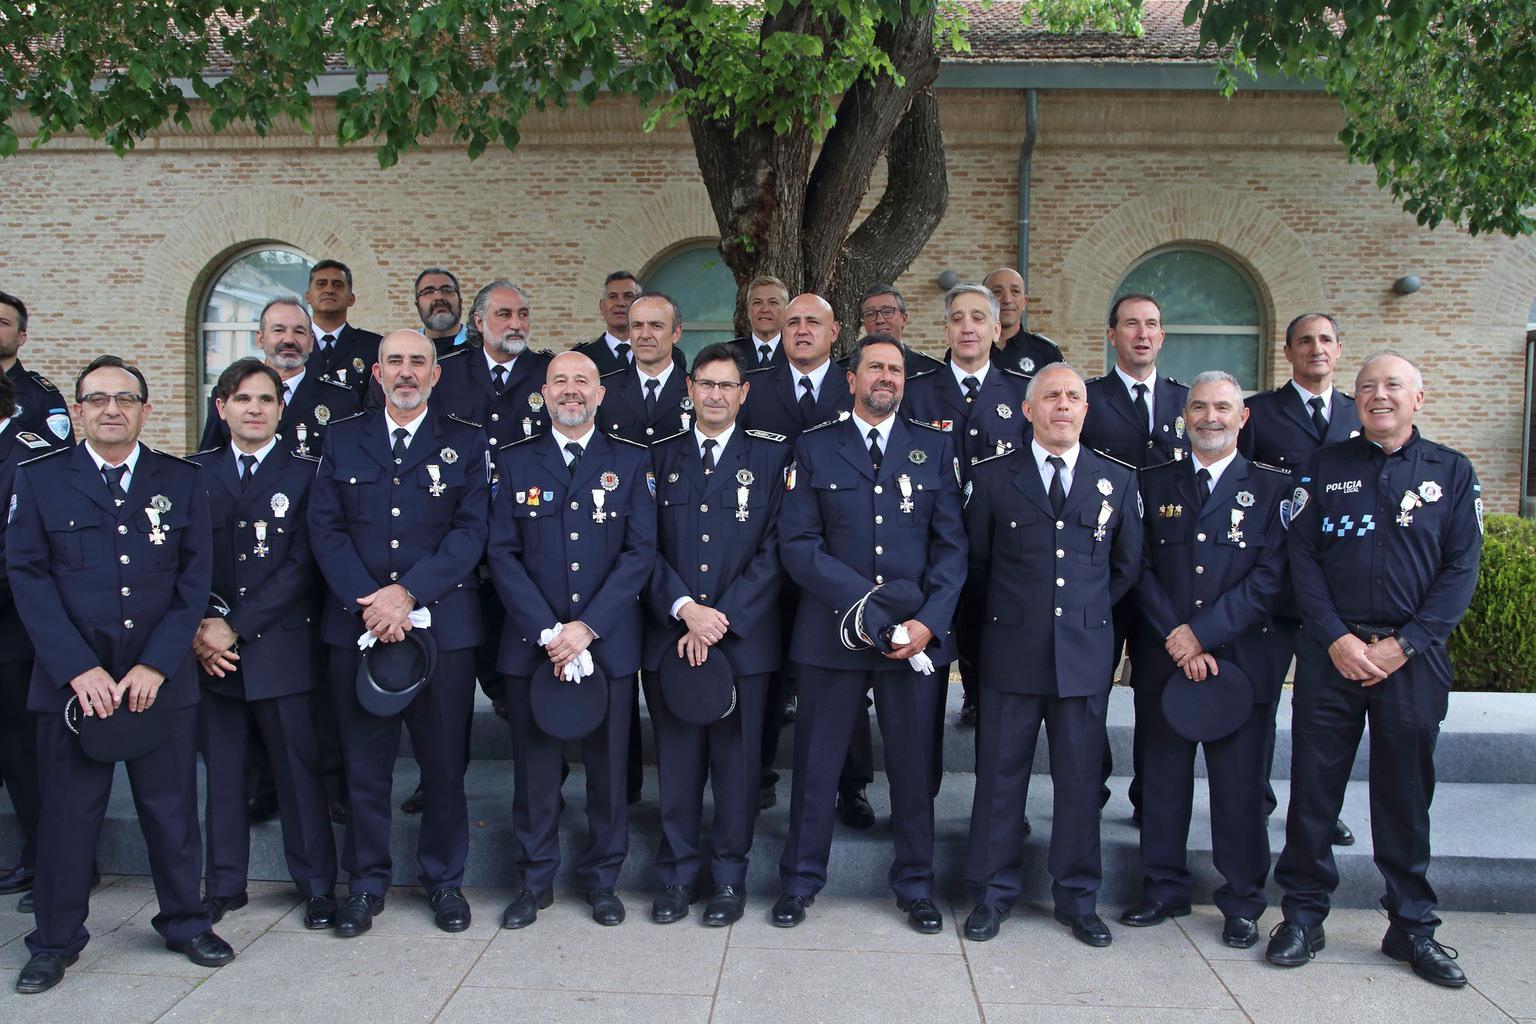 Julián Moreno condecorado por su servicio activo durante 30 años en la policía local2 - Julián Moreno, condecorado por su servicio activo durante 30 años en la policía local